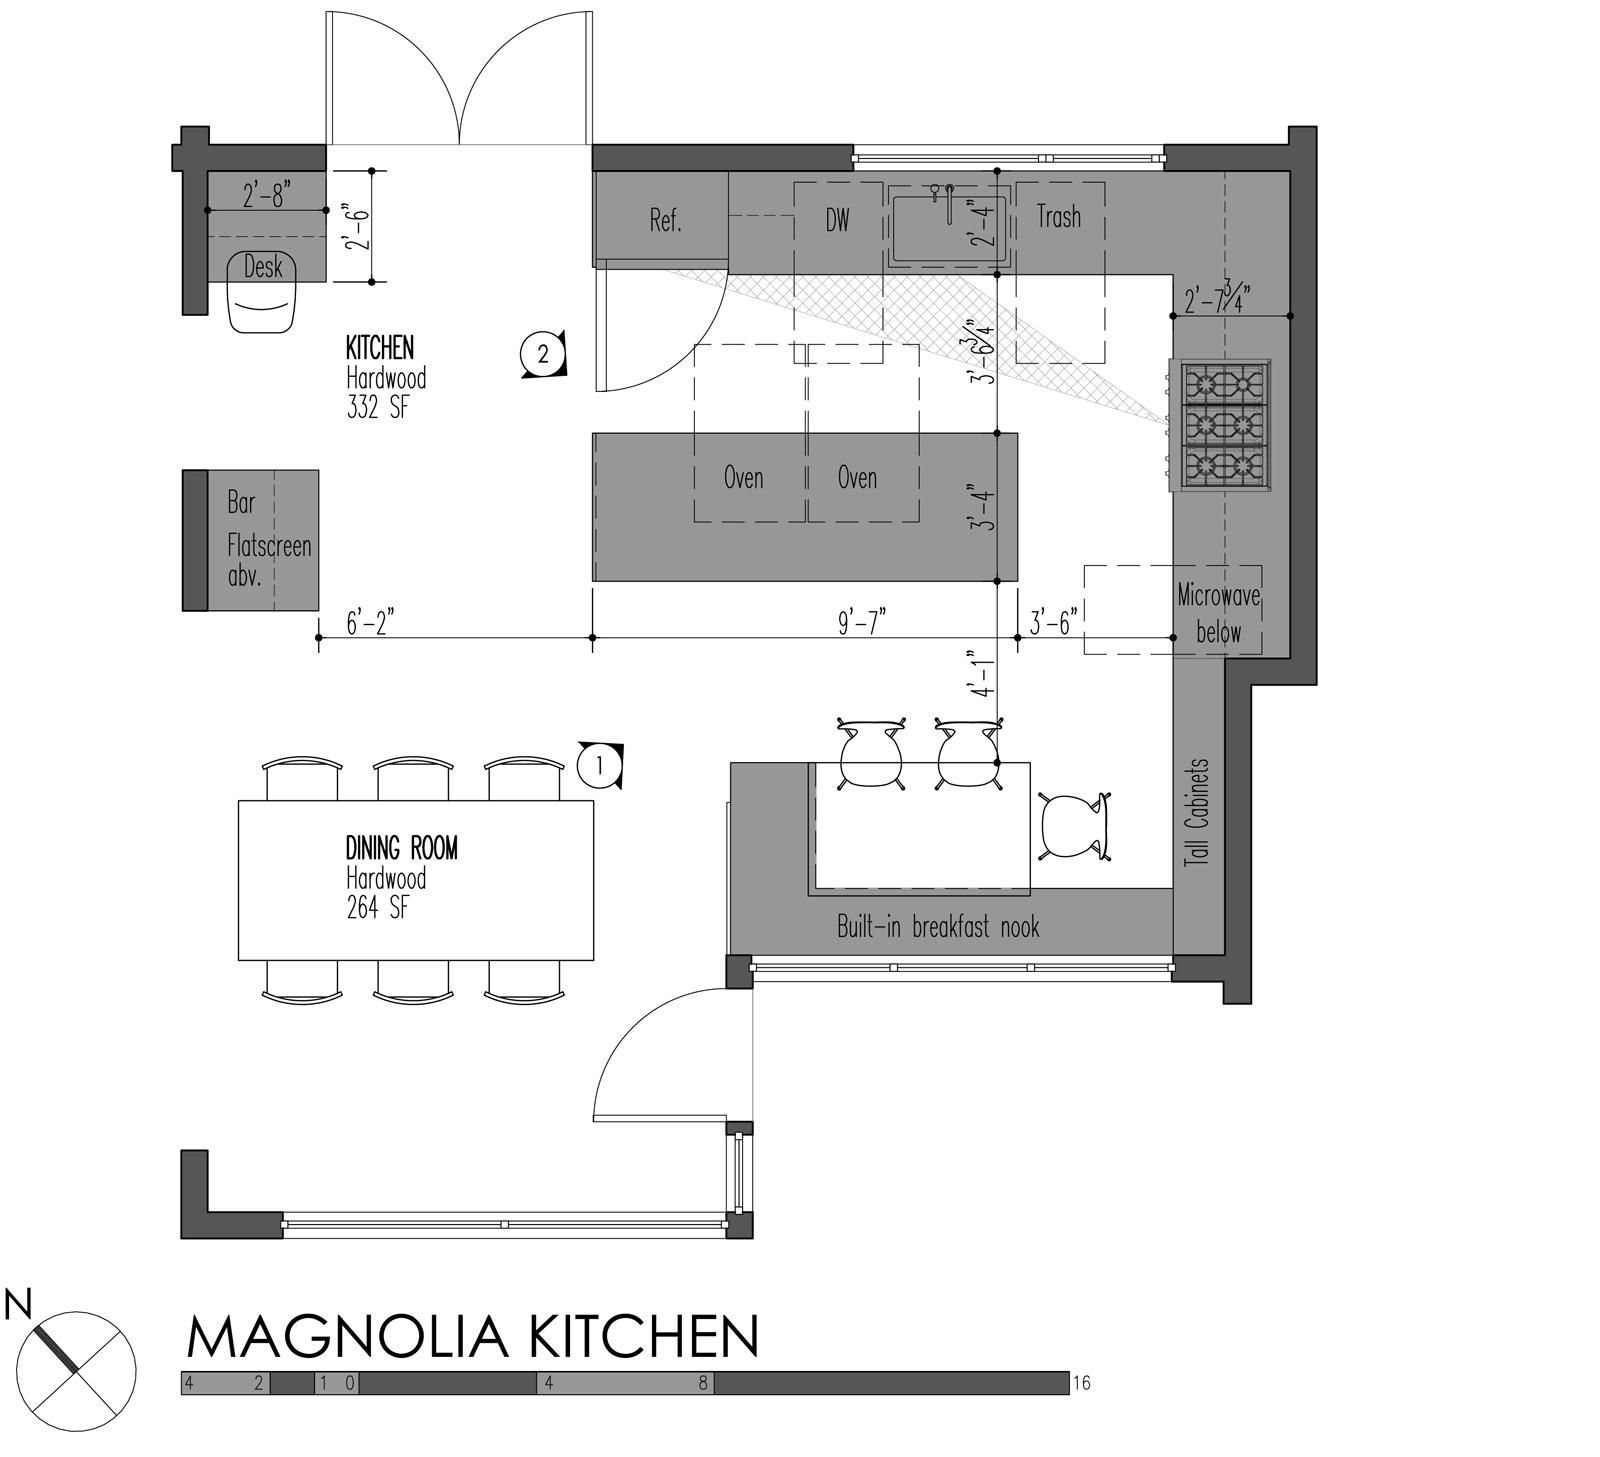 5 modern kitchen designs principles standard kitchen cabinet height BUILD LLC Magnolia Kitchen plan